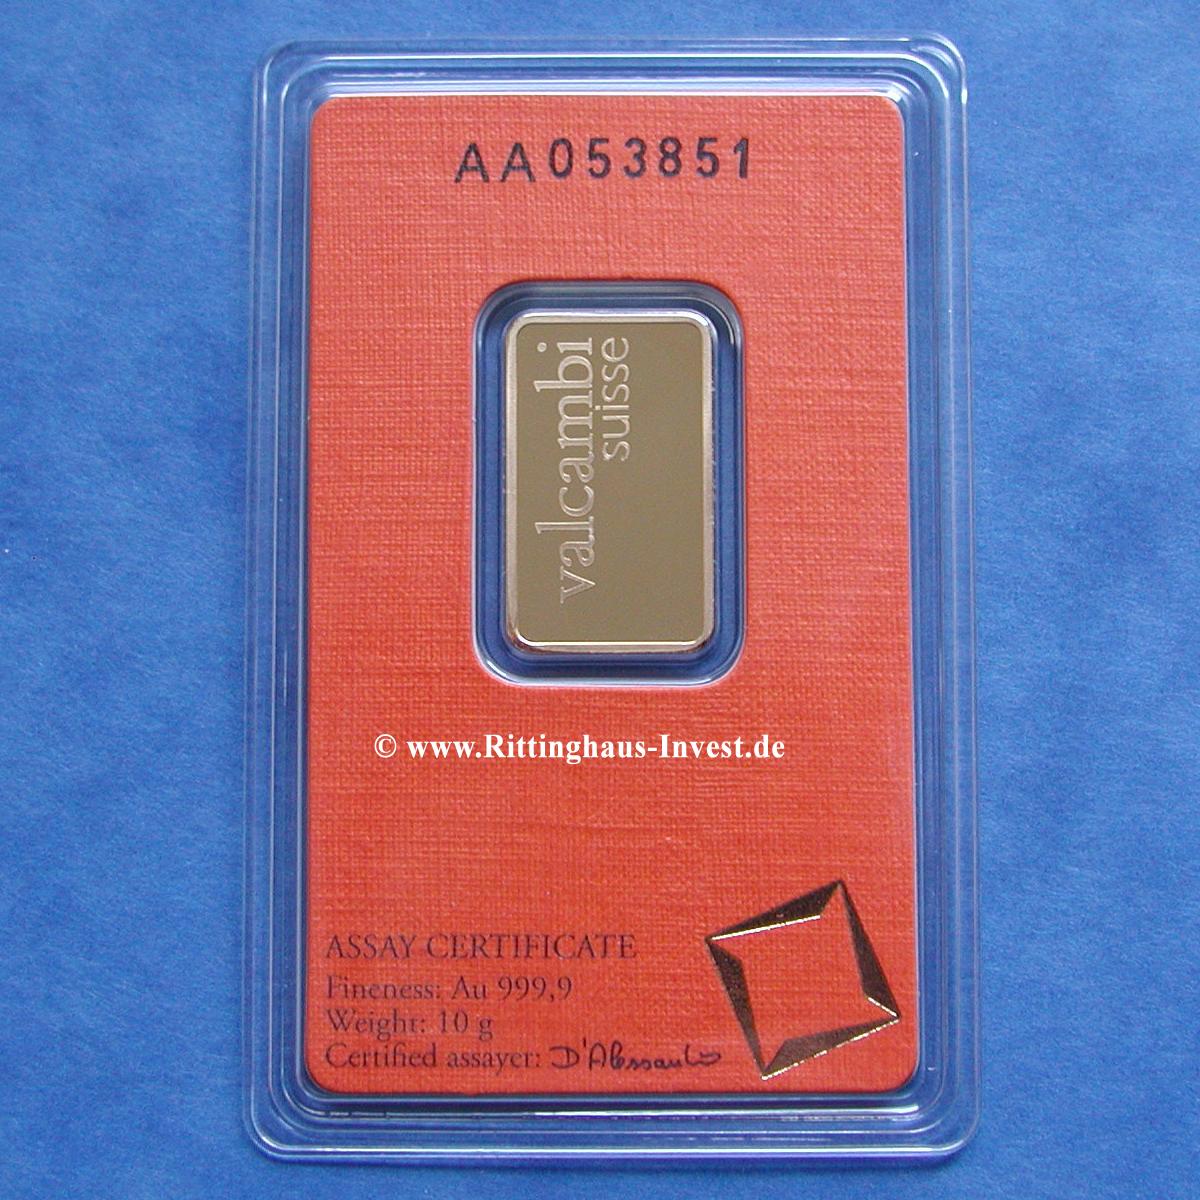 valcambi-10-gramm-goldbarren-blister-echtheitszertifikat